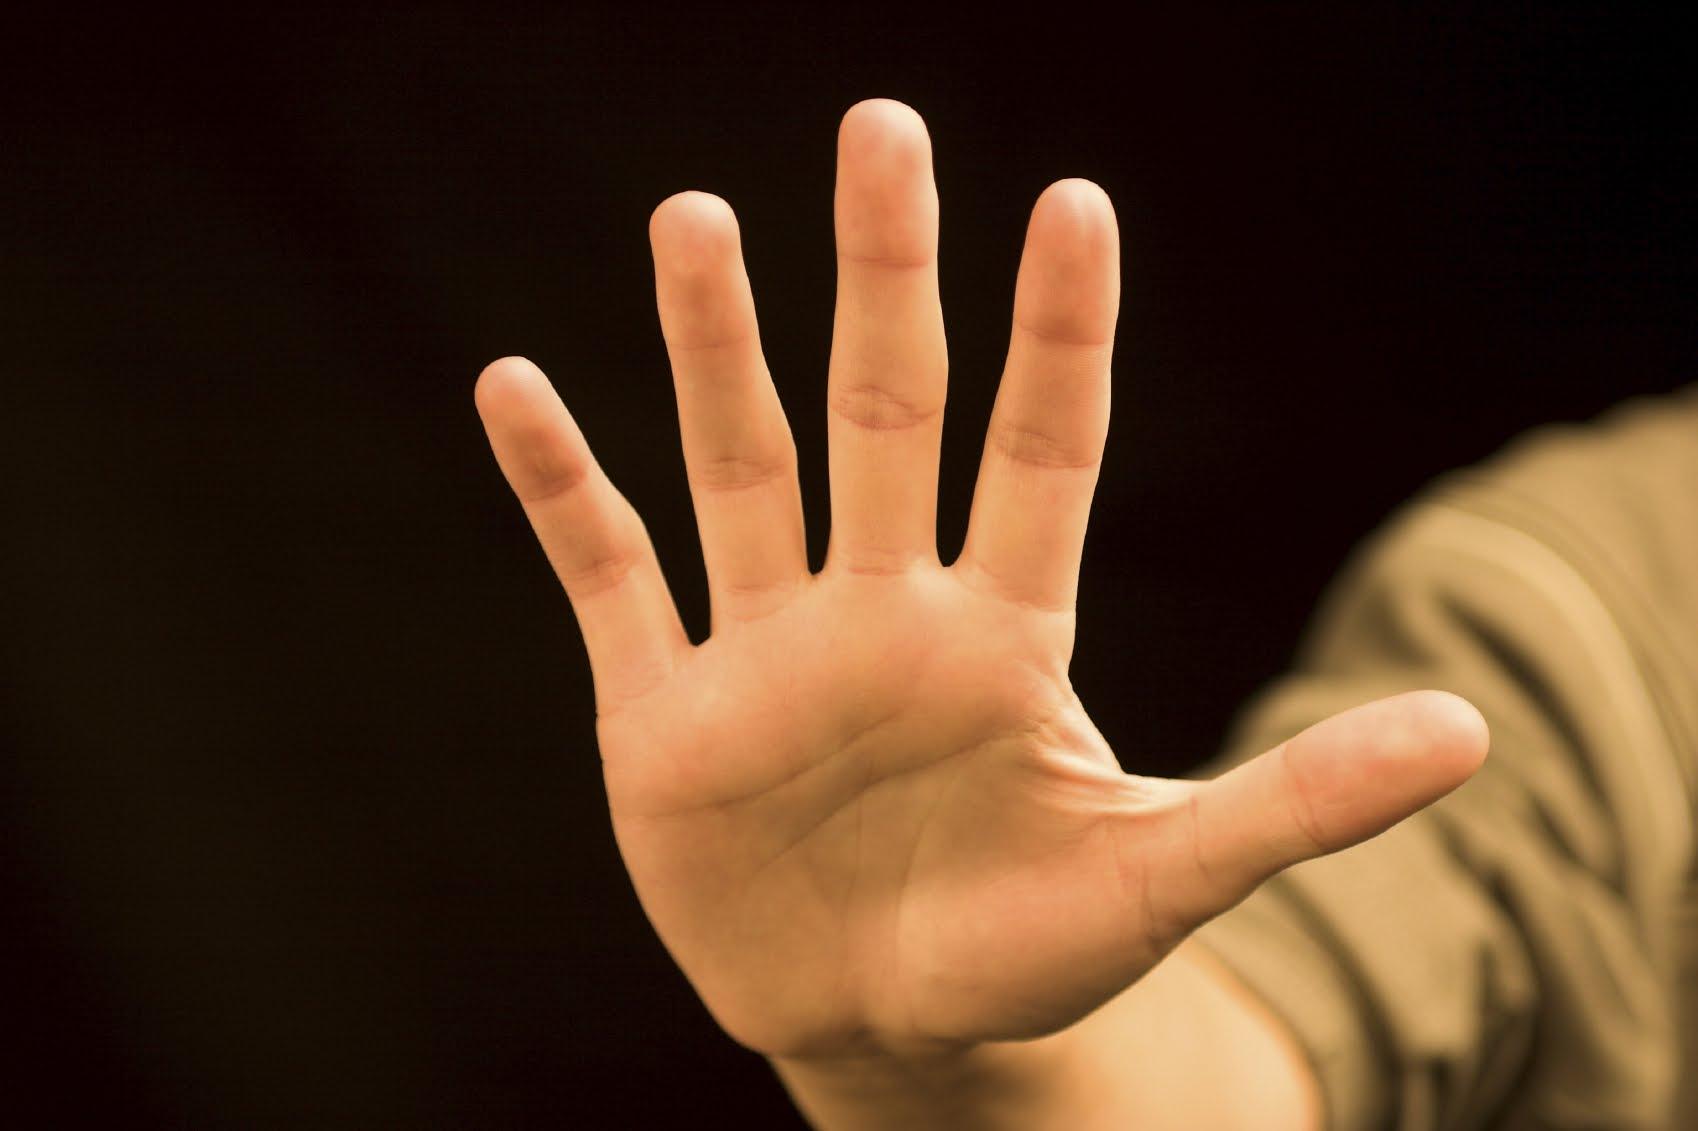 Chiều dài ngón trỏ được cho là tương đồng với chiều dài của cậu nhỏ khi nghỉ ngơi